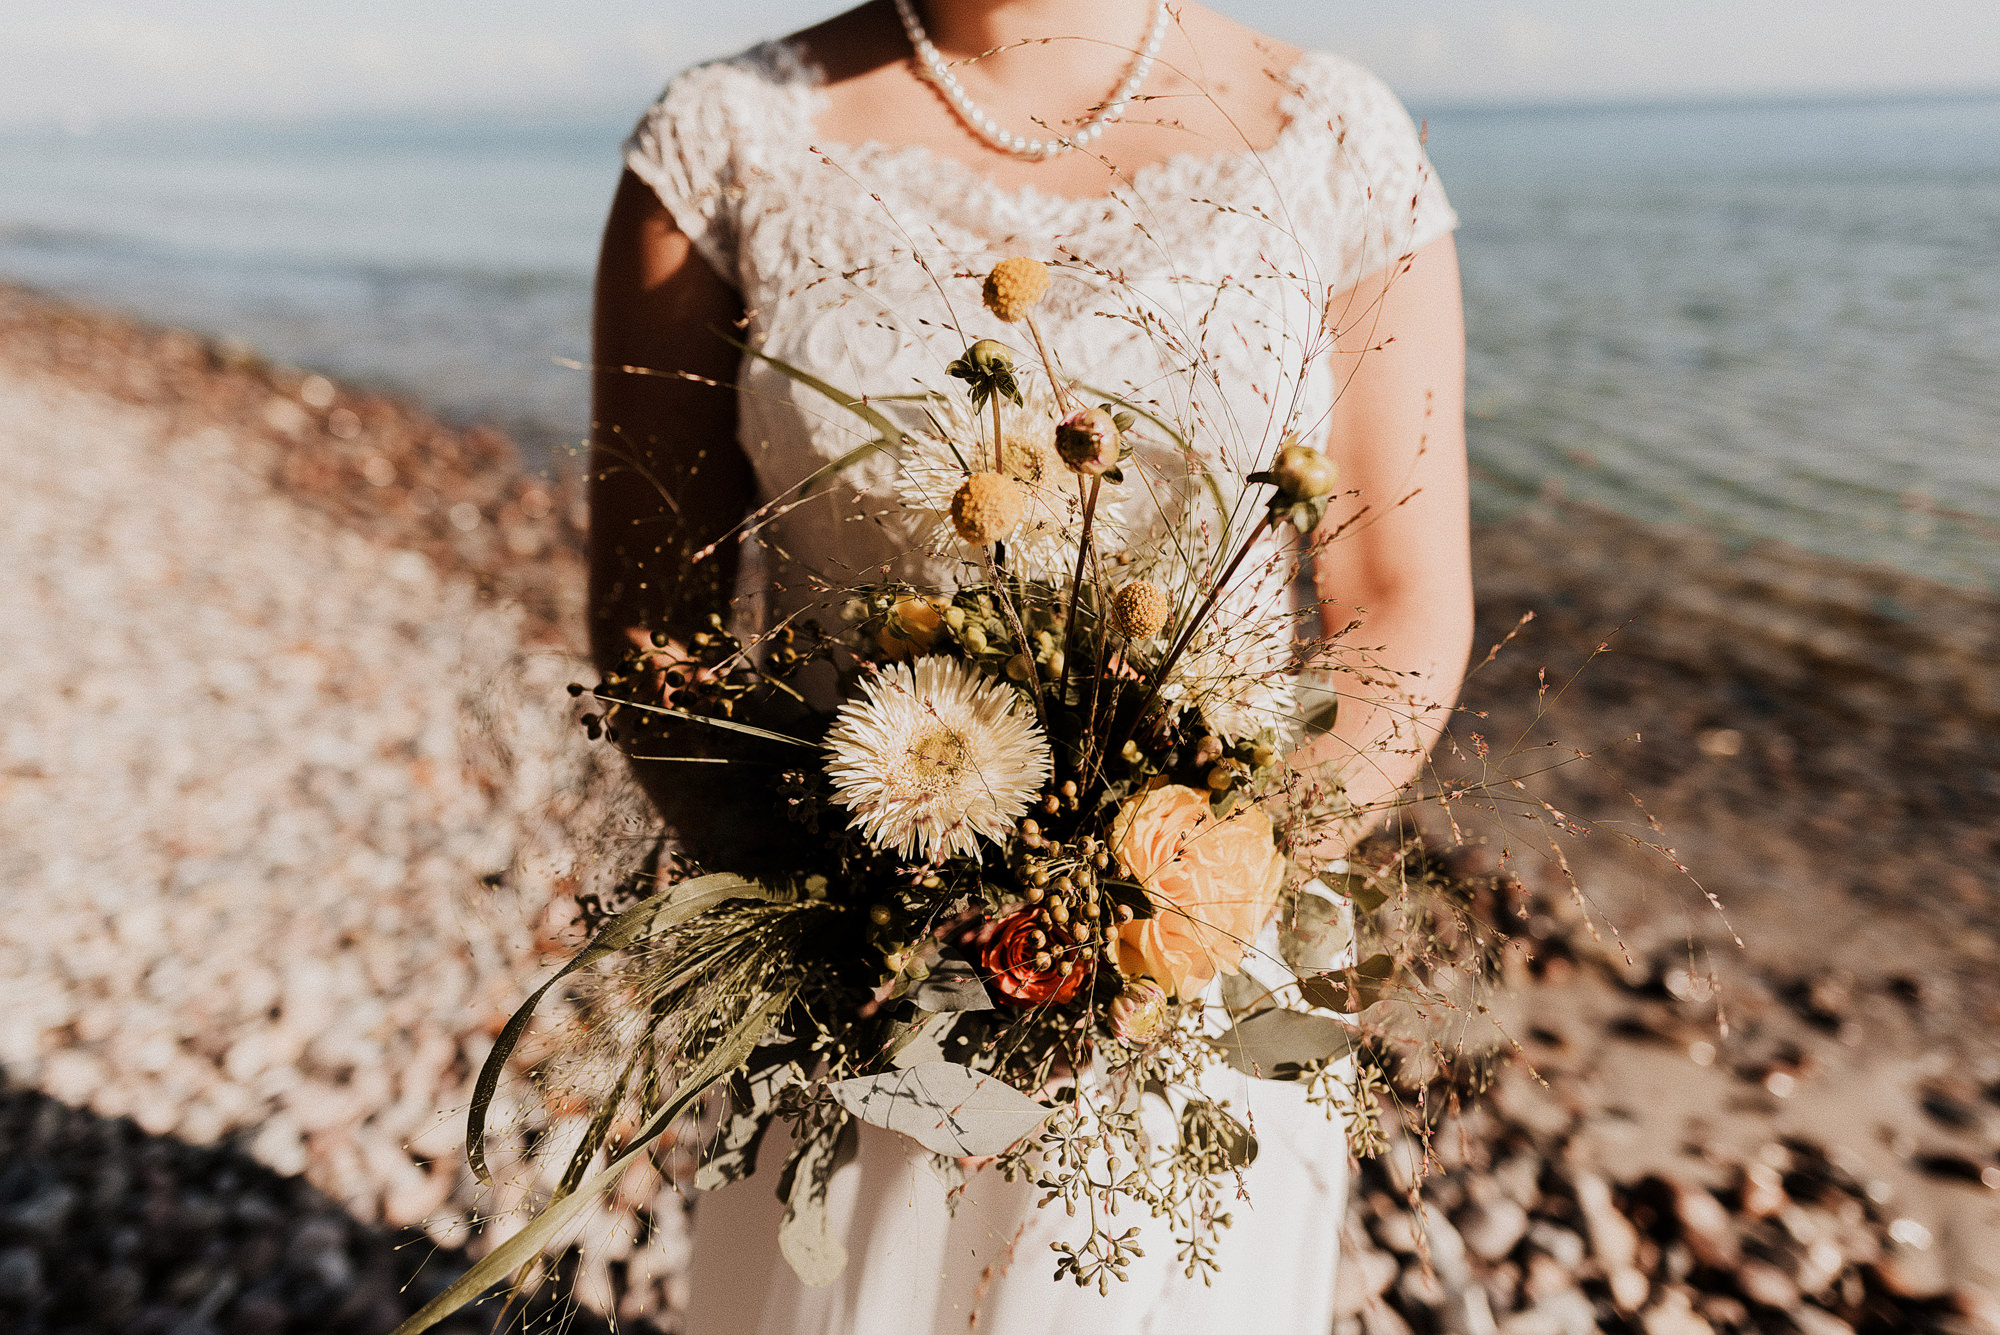 After Wedding - Paarshooting - Ostsee - Pärchenfotos - Rügen - Warnemuende - Rostock - Elopement - Darß - Hochzeit - Heiraten